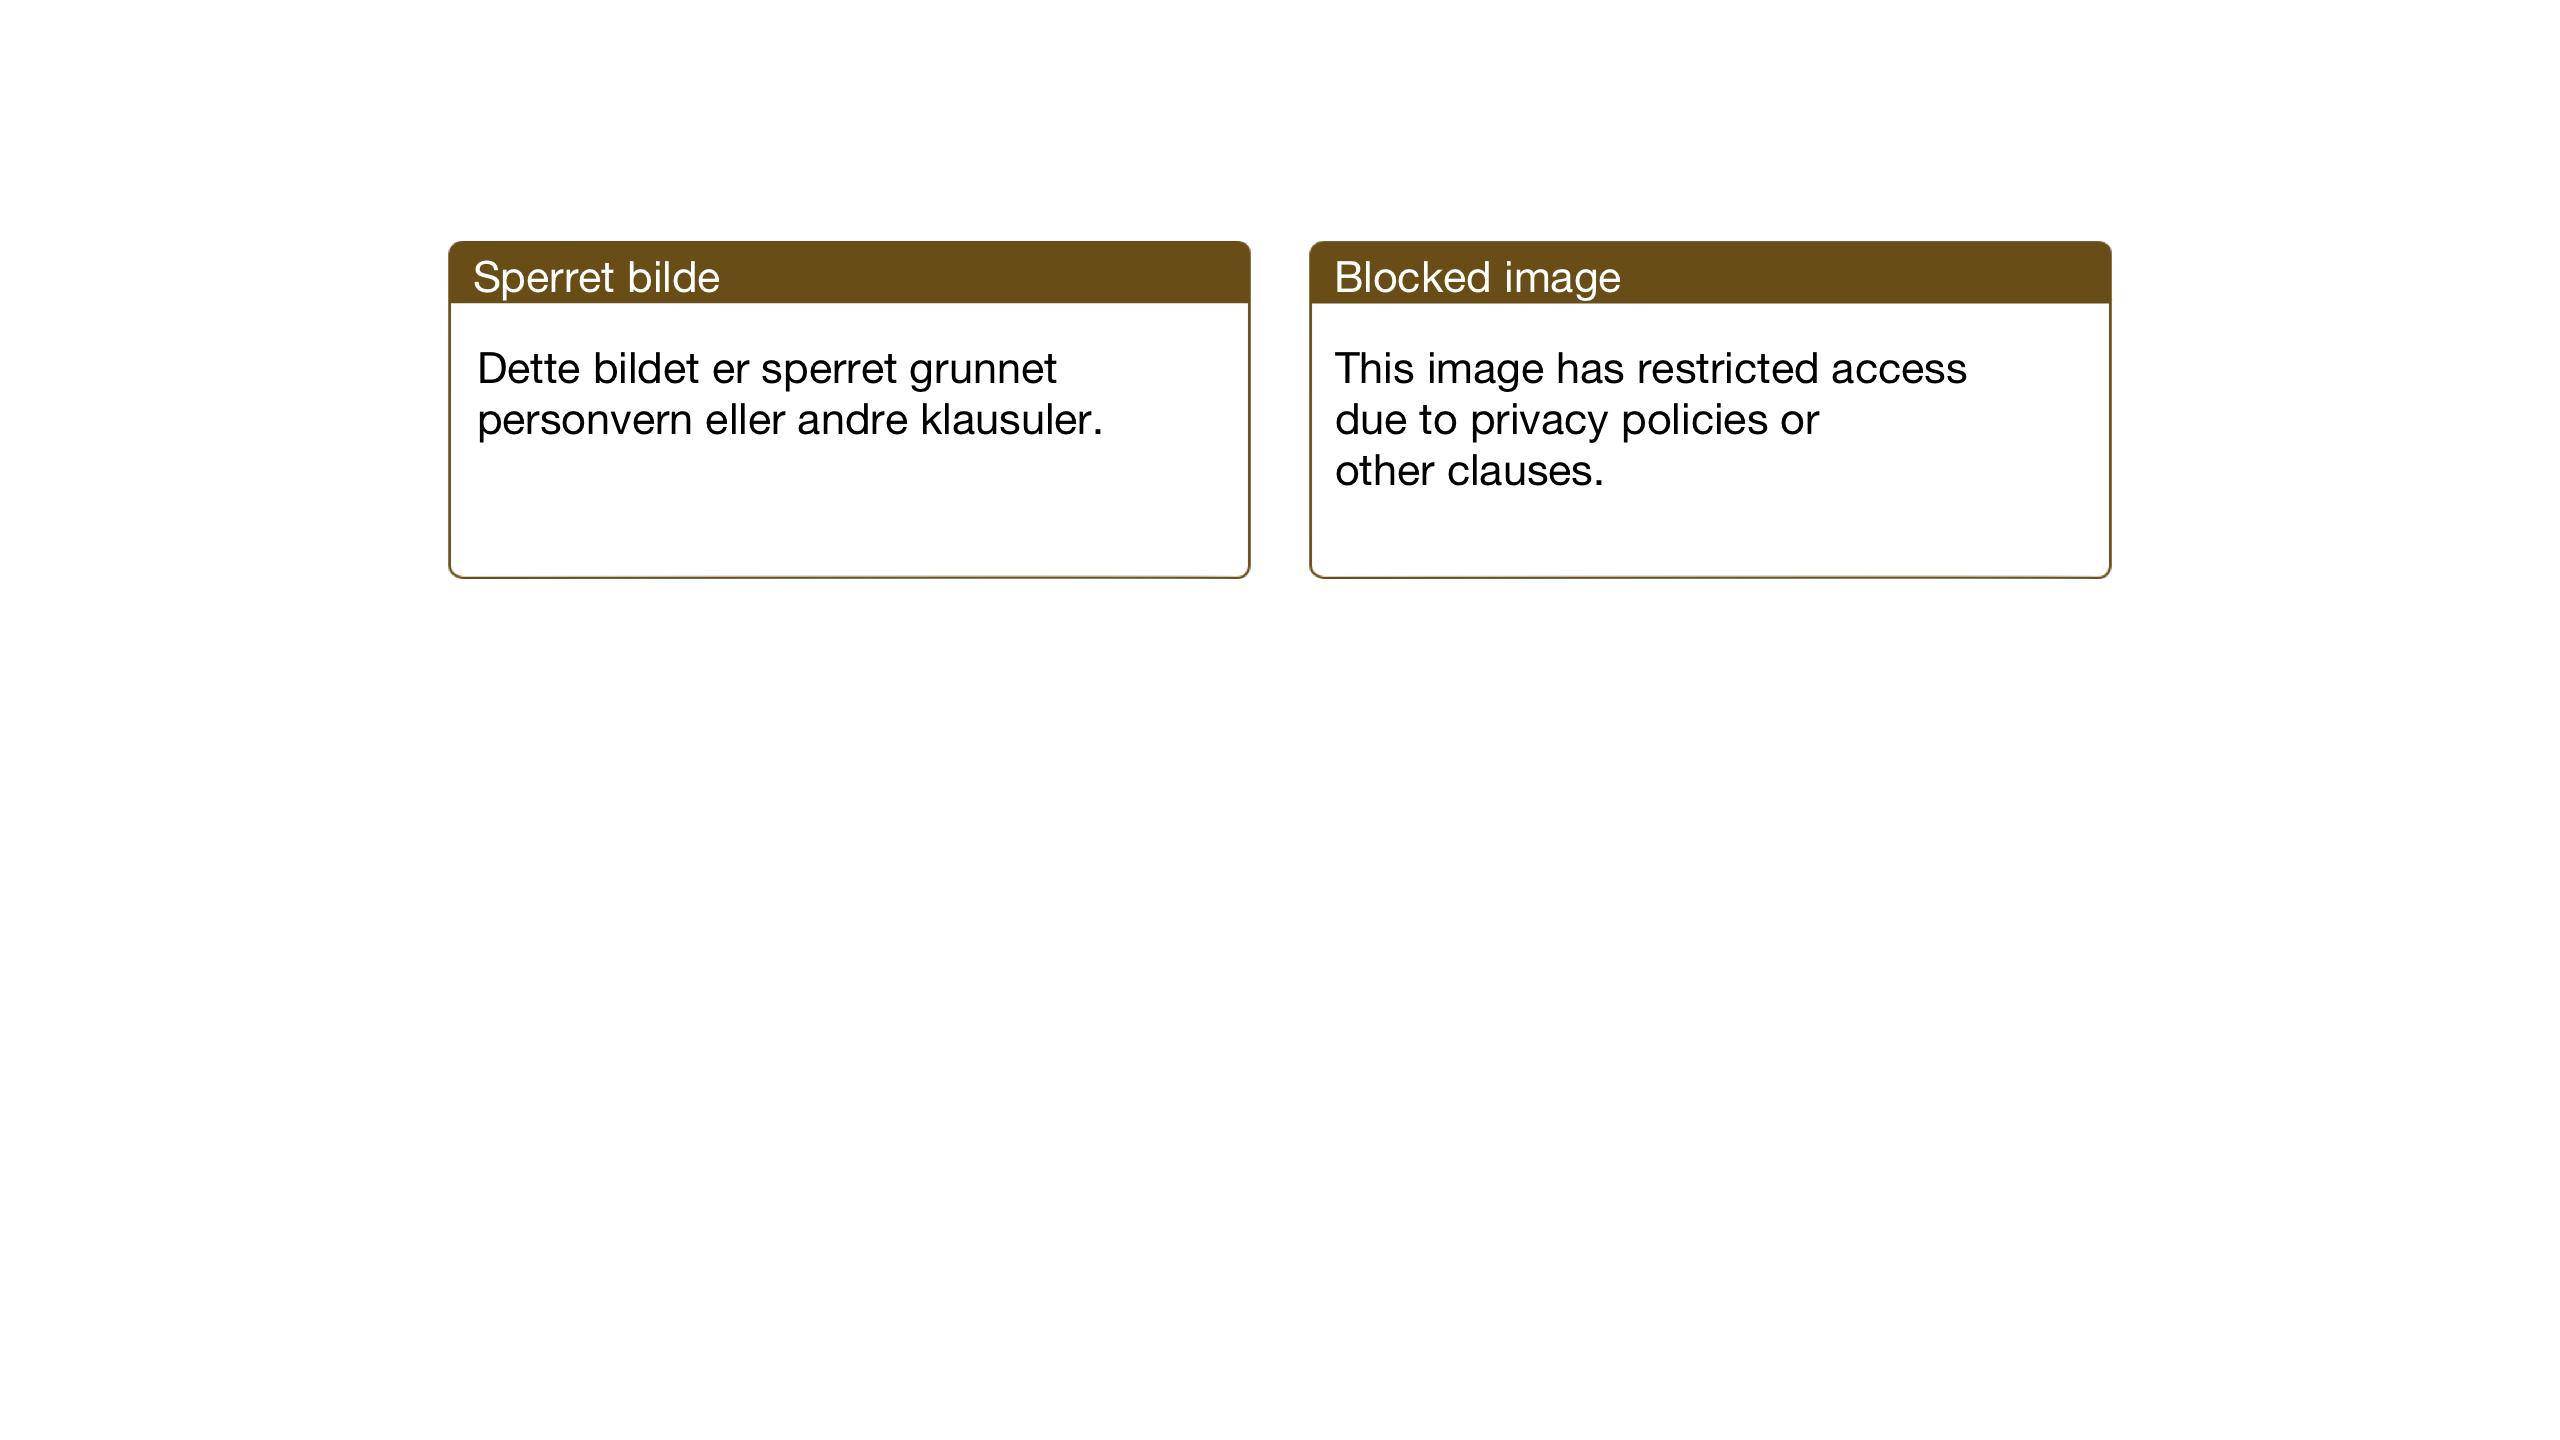 SAT, Ministerialprotokoller, klokkerbøker og fødselsregistre - Nord-Trøndelag, 784/L0678: Ministerialbok nr. 784A13, 1921-1938, s. 91